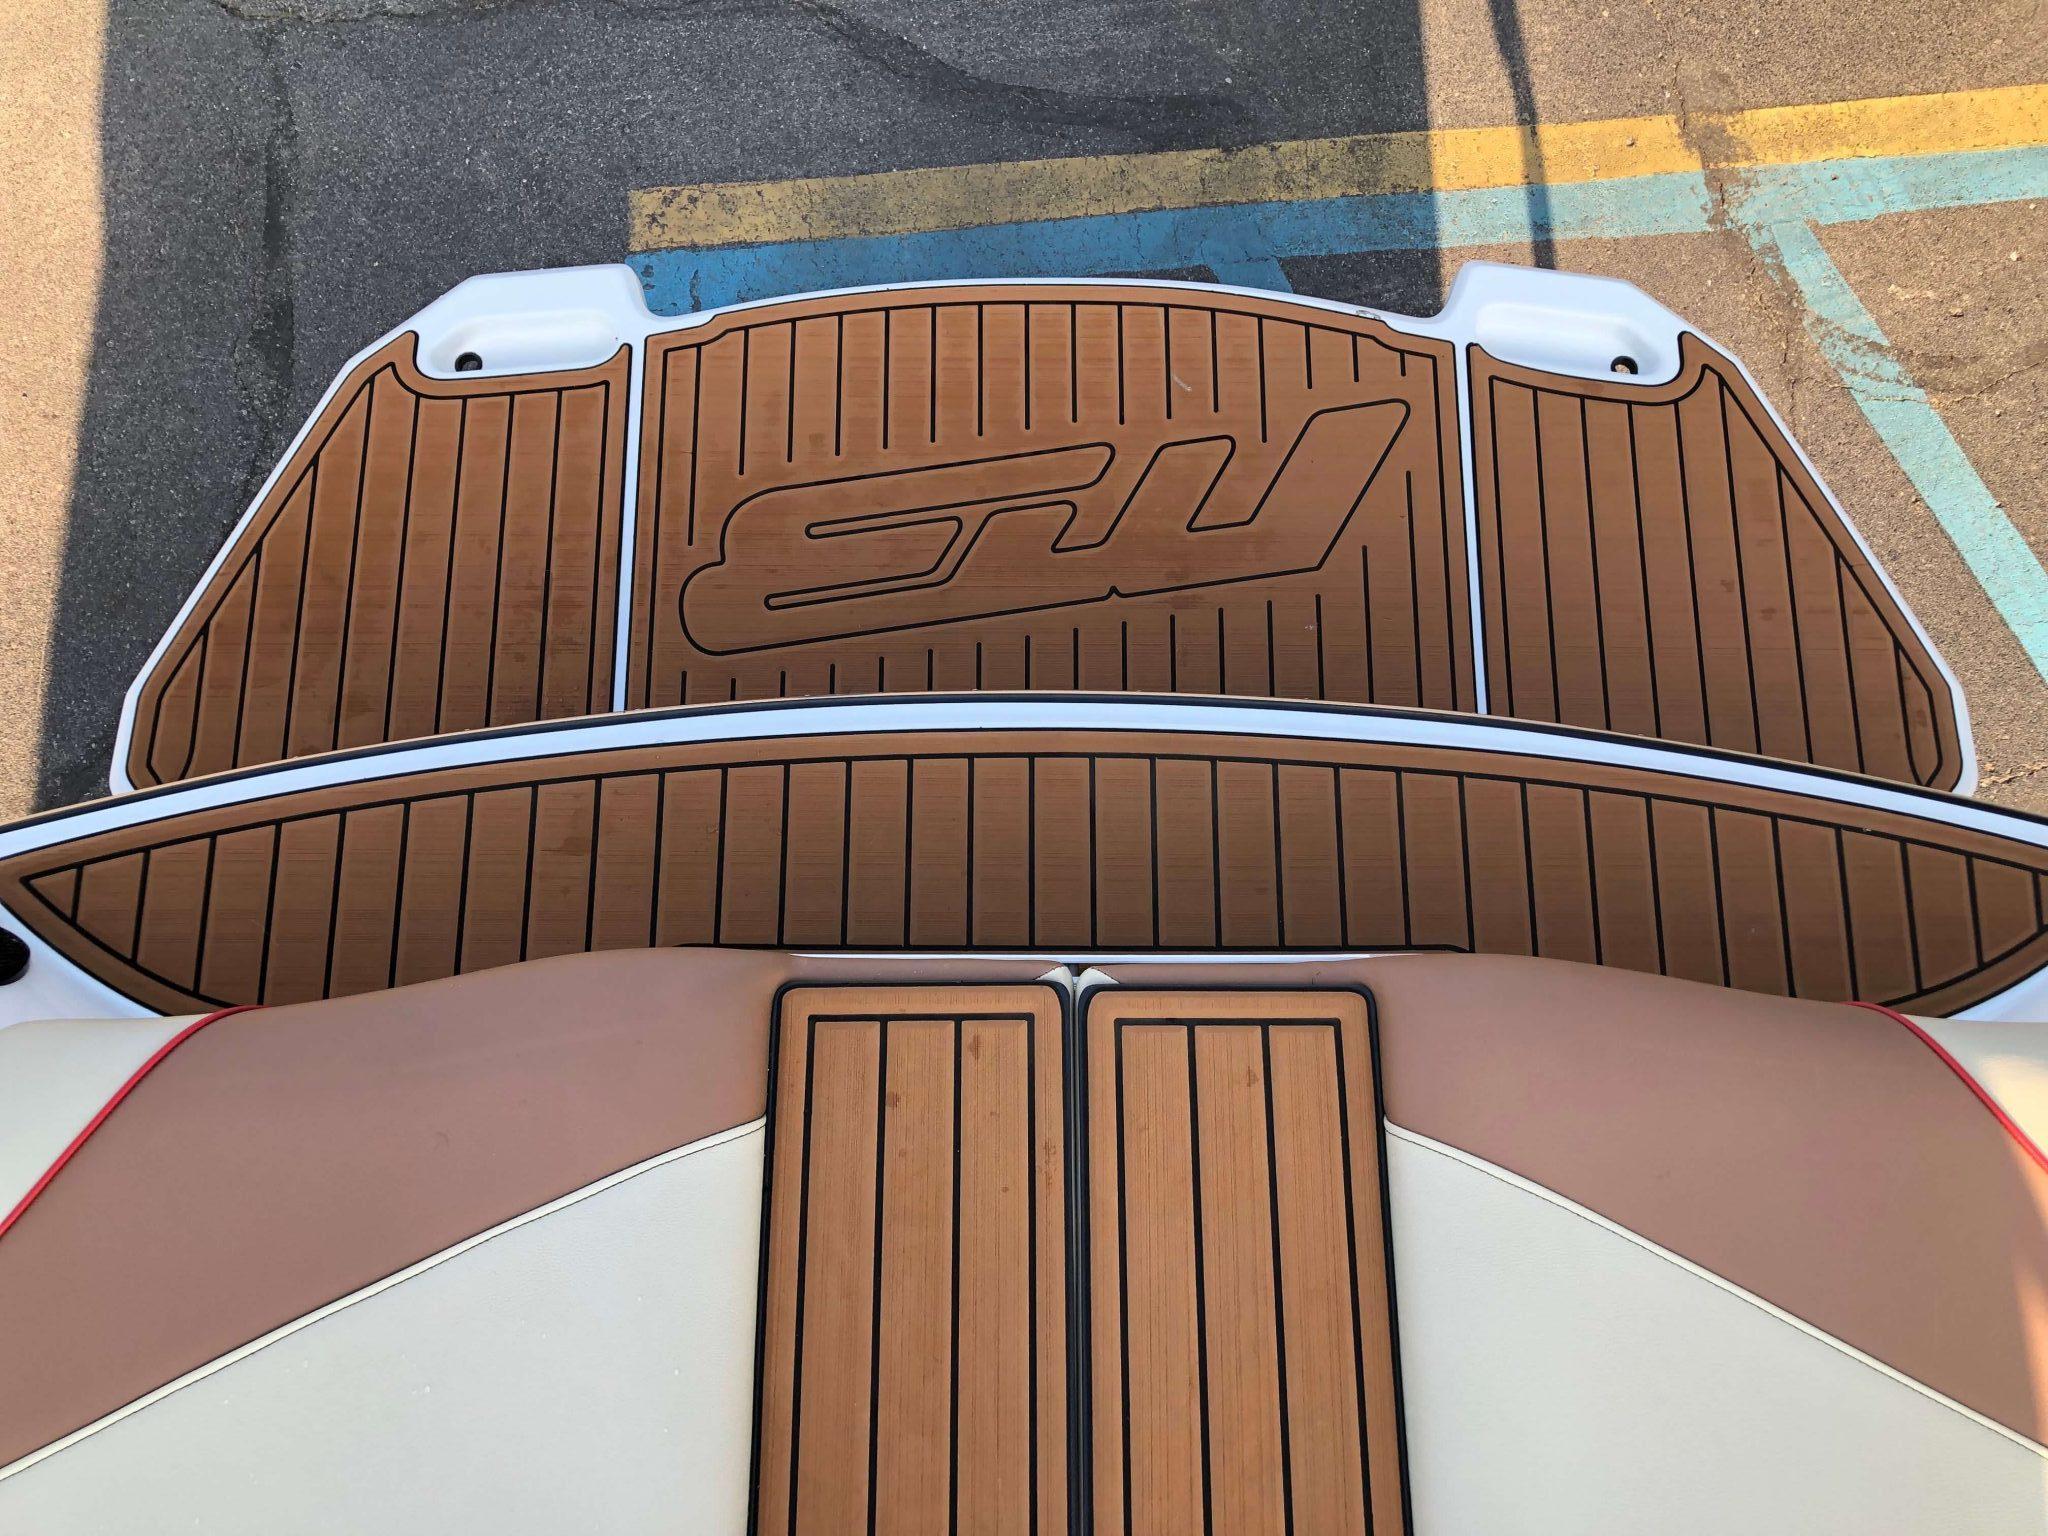 2018 MB B52 23 Wake Boat 12